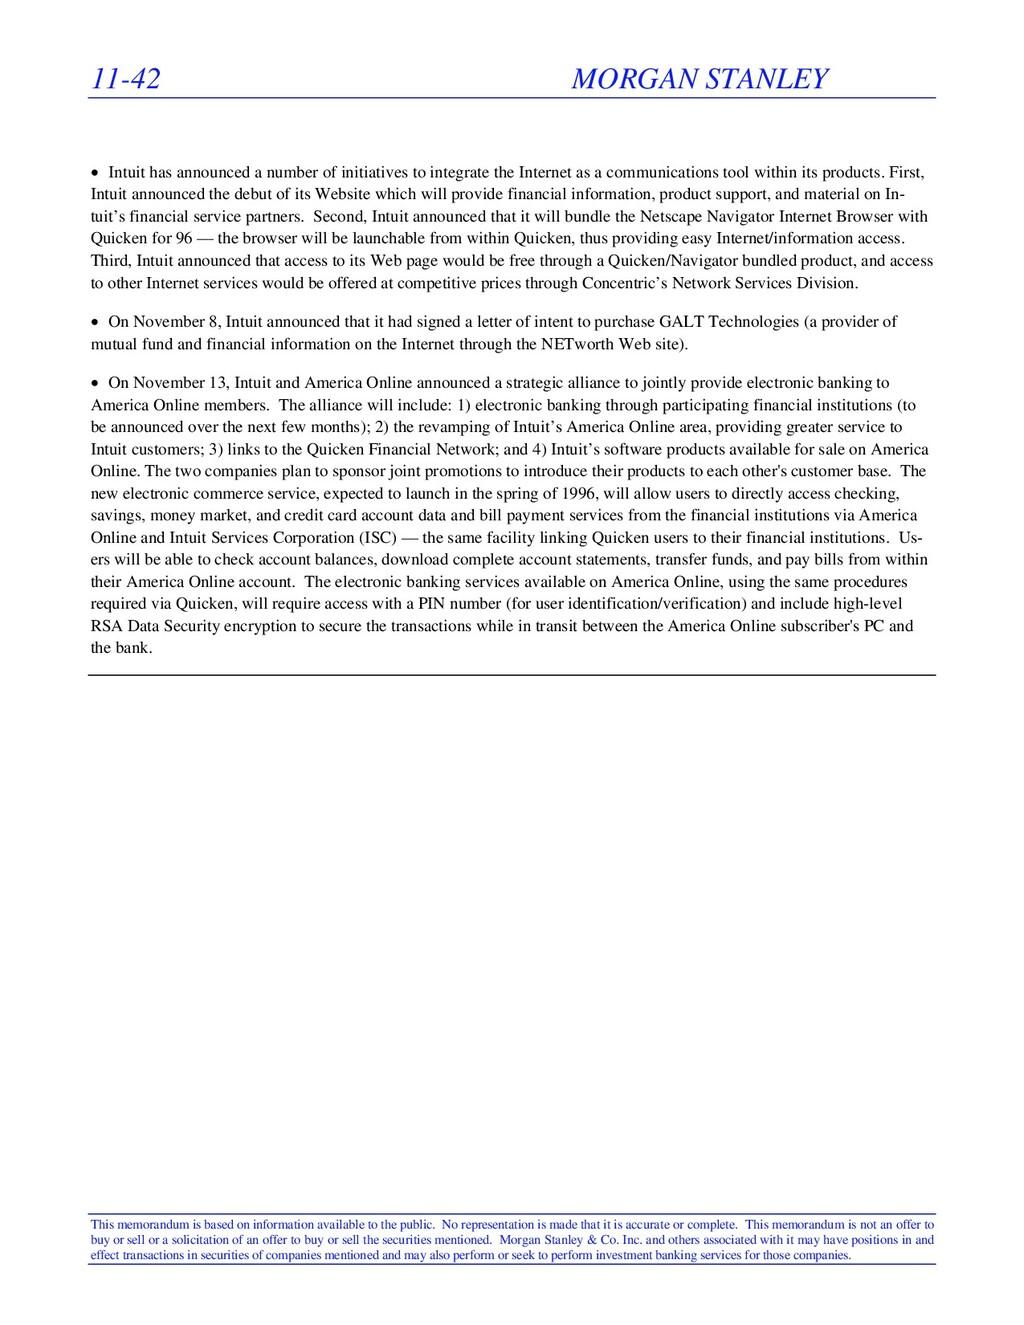 11-42 MORGAN STANLEY This memorandum is based o...